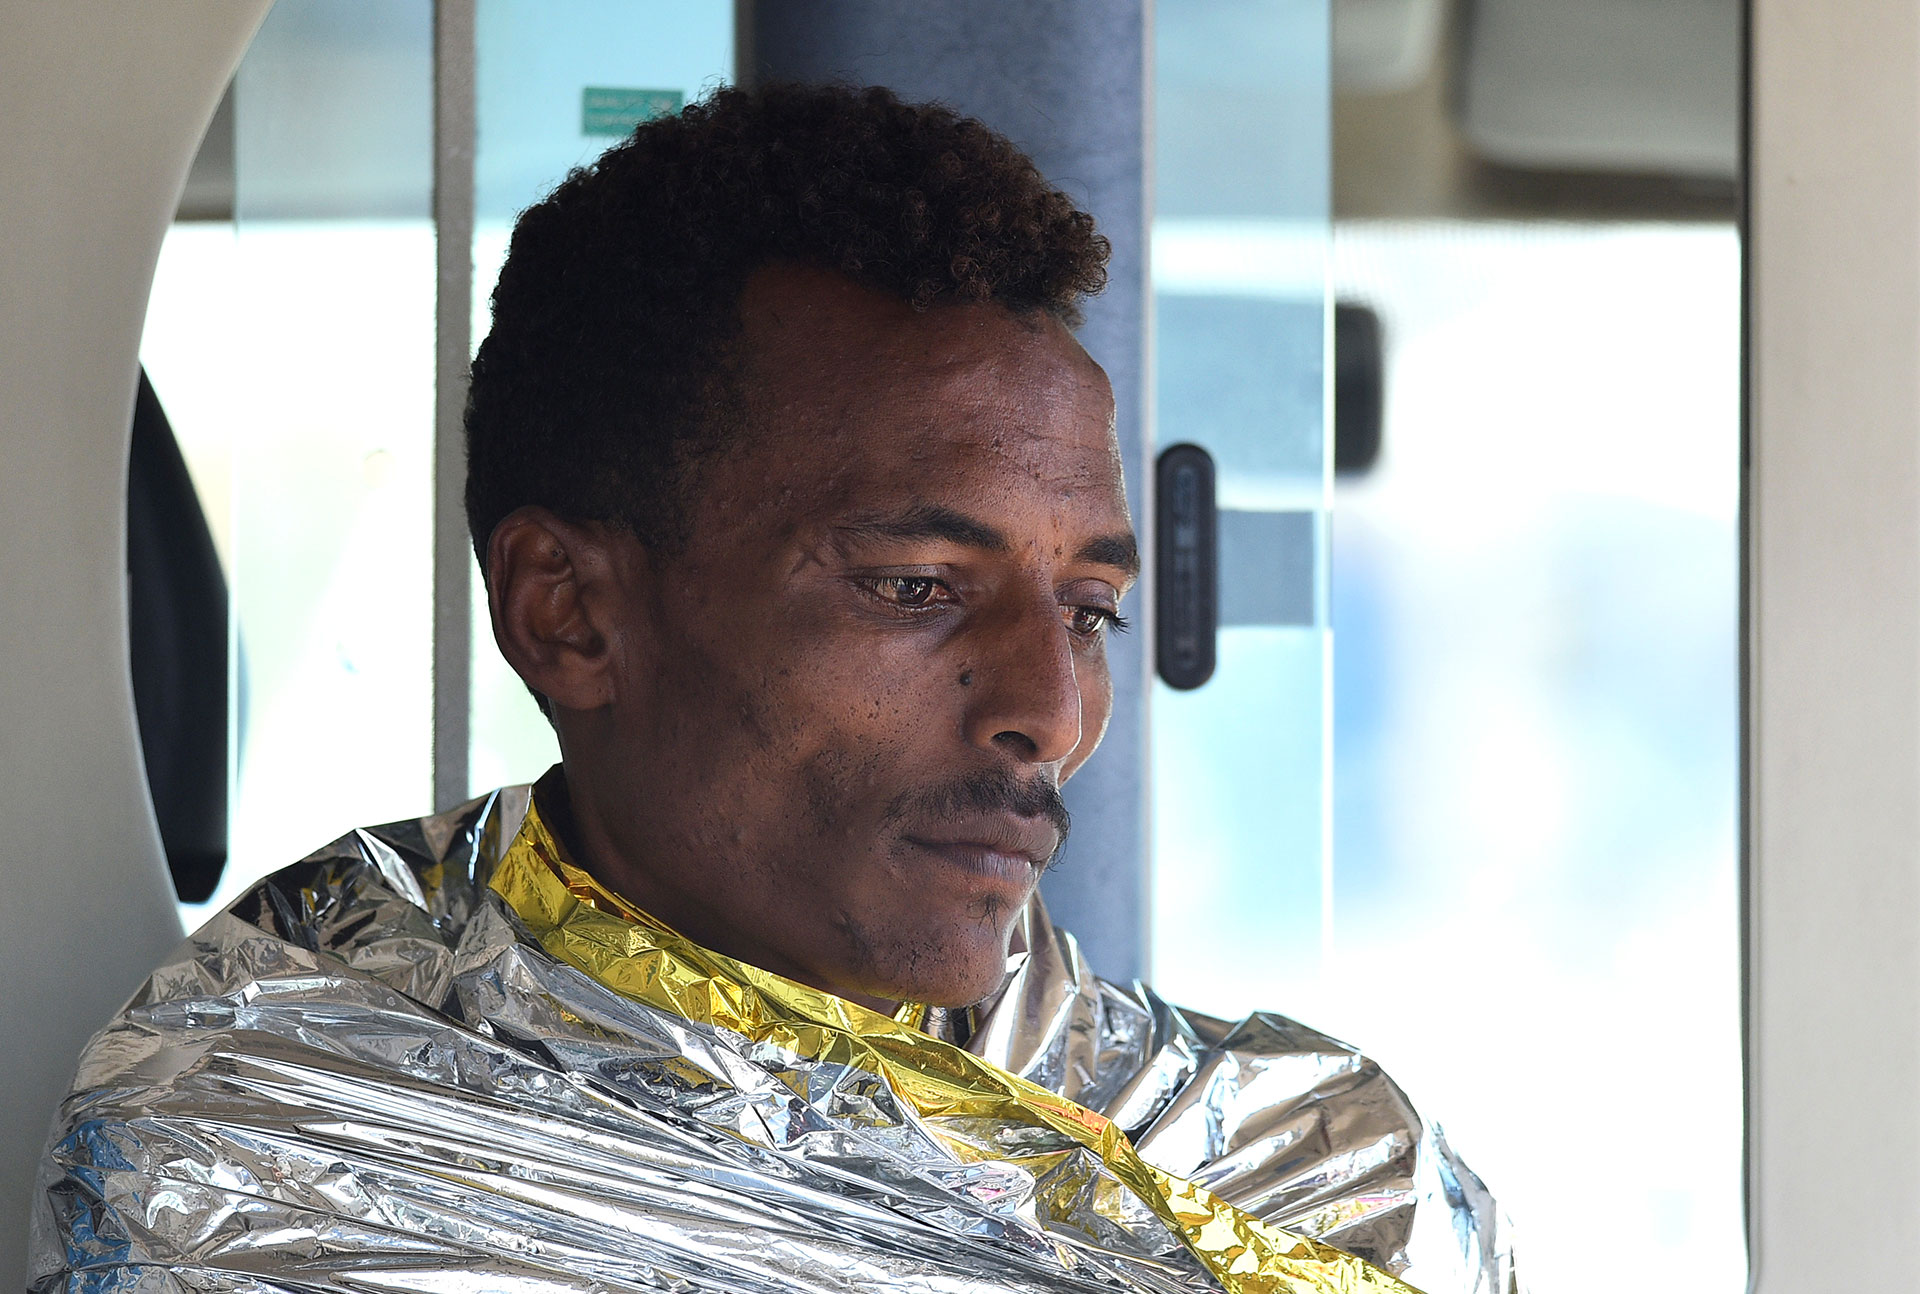 Otro de los hombresque saltaron del Open Arms es trasladado en una ambulancia en Lampedusa (REUTERS/Guglielmo Mangiapane)